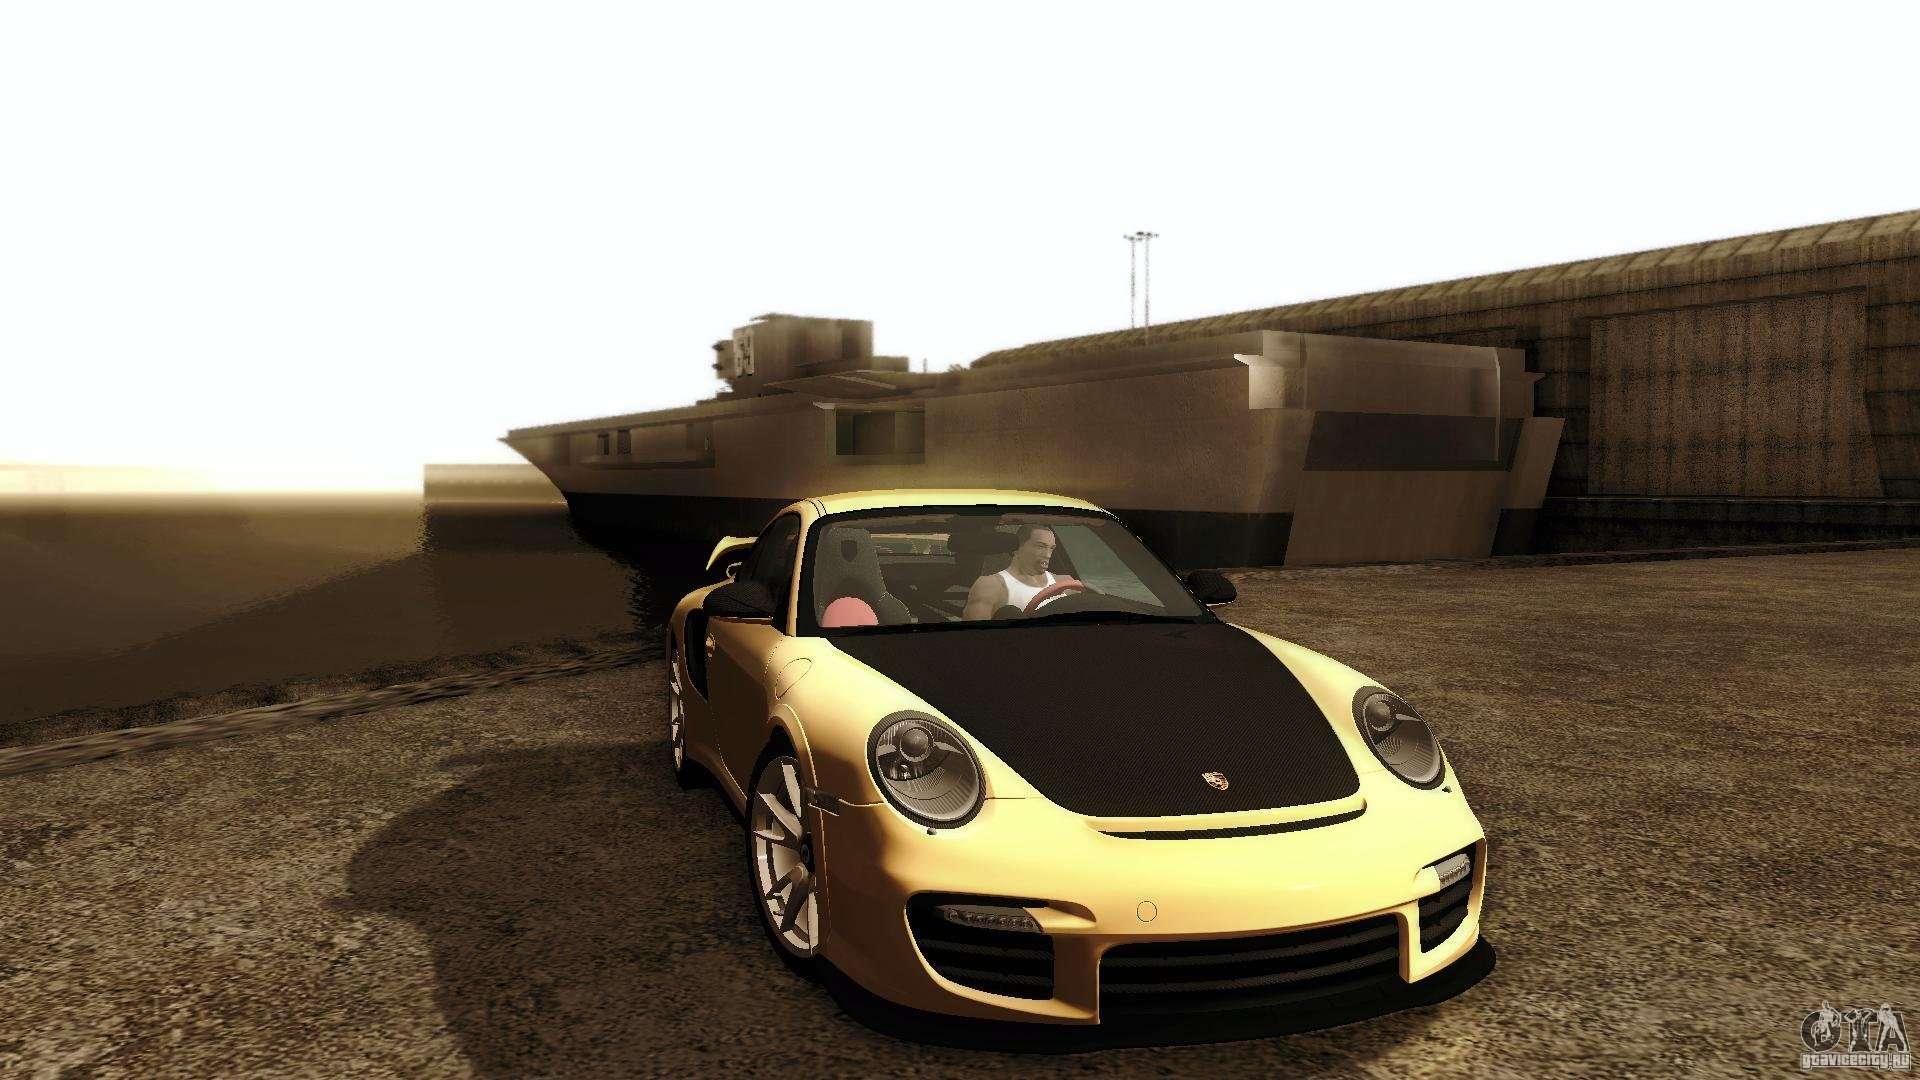 53248-1343576136-gta-sa2012-07-2919-13-13-64 Remarkable Porsche 911 Gt2 Xbox 360 Cars Trend